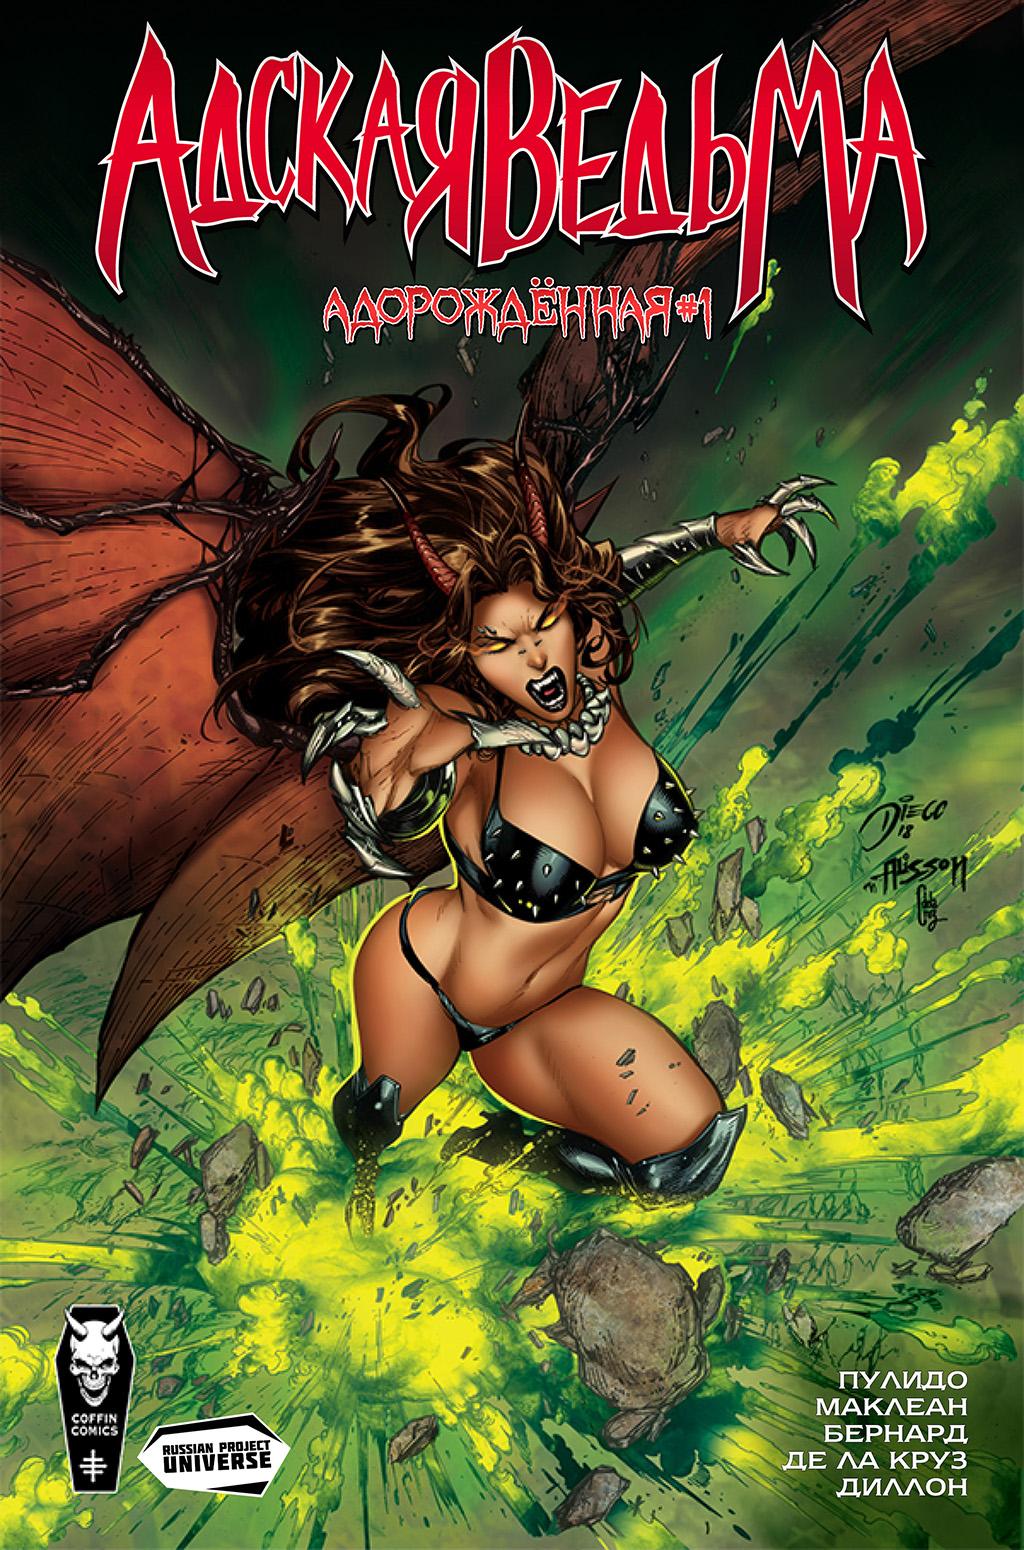 Комикс Адская ведьма: Адорождённая